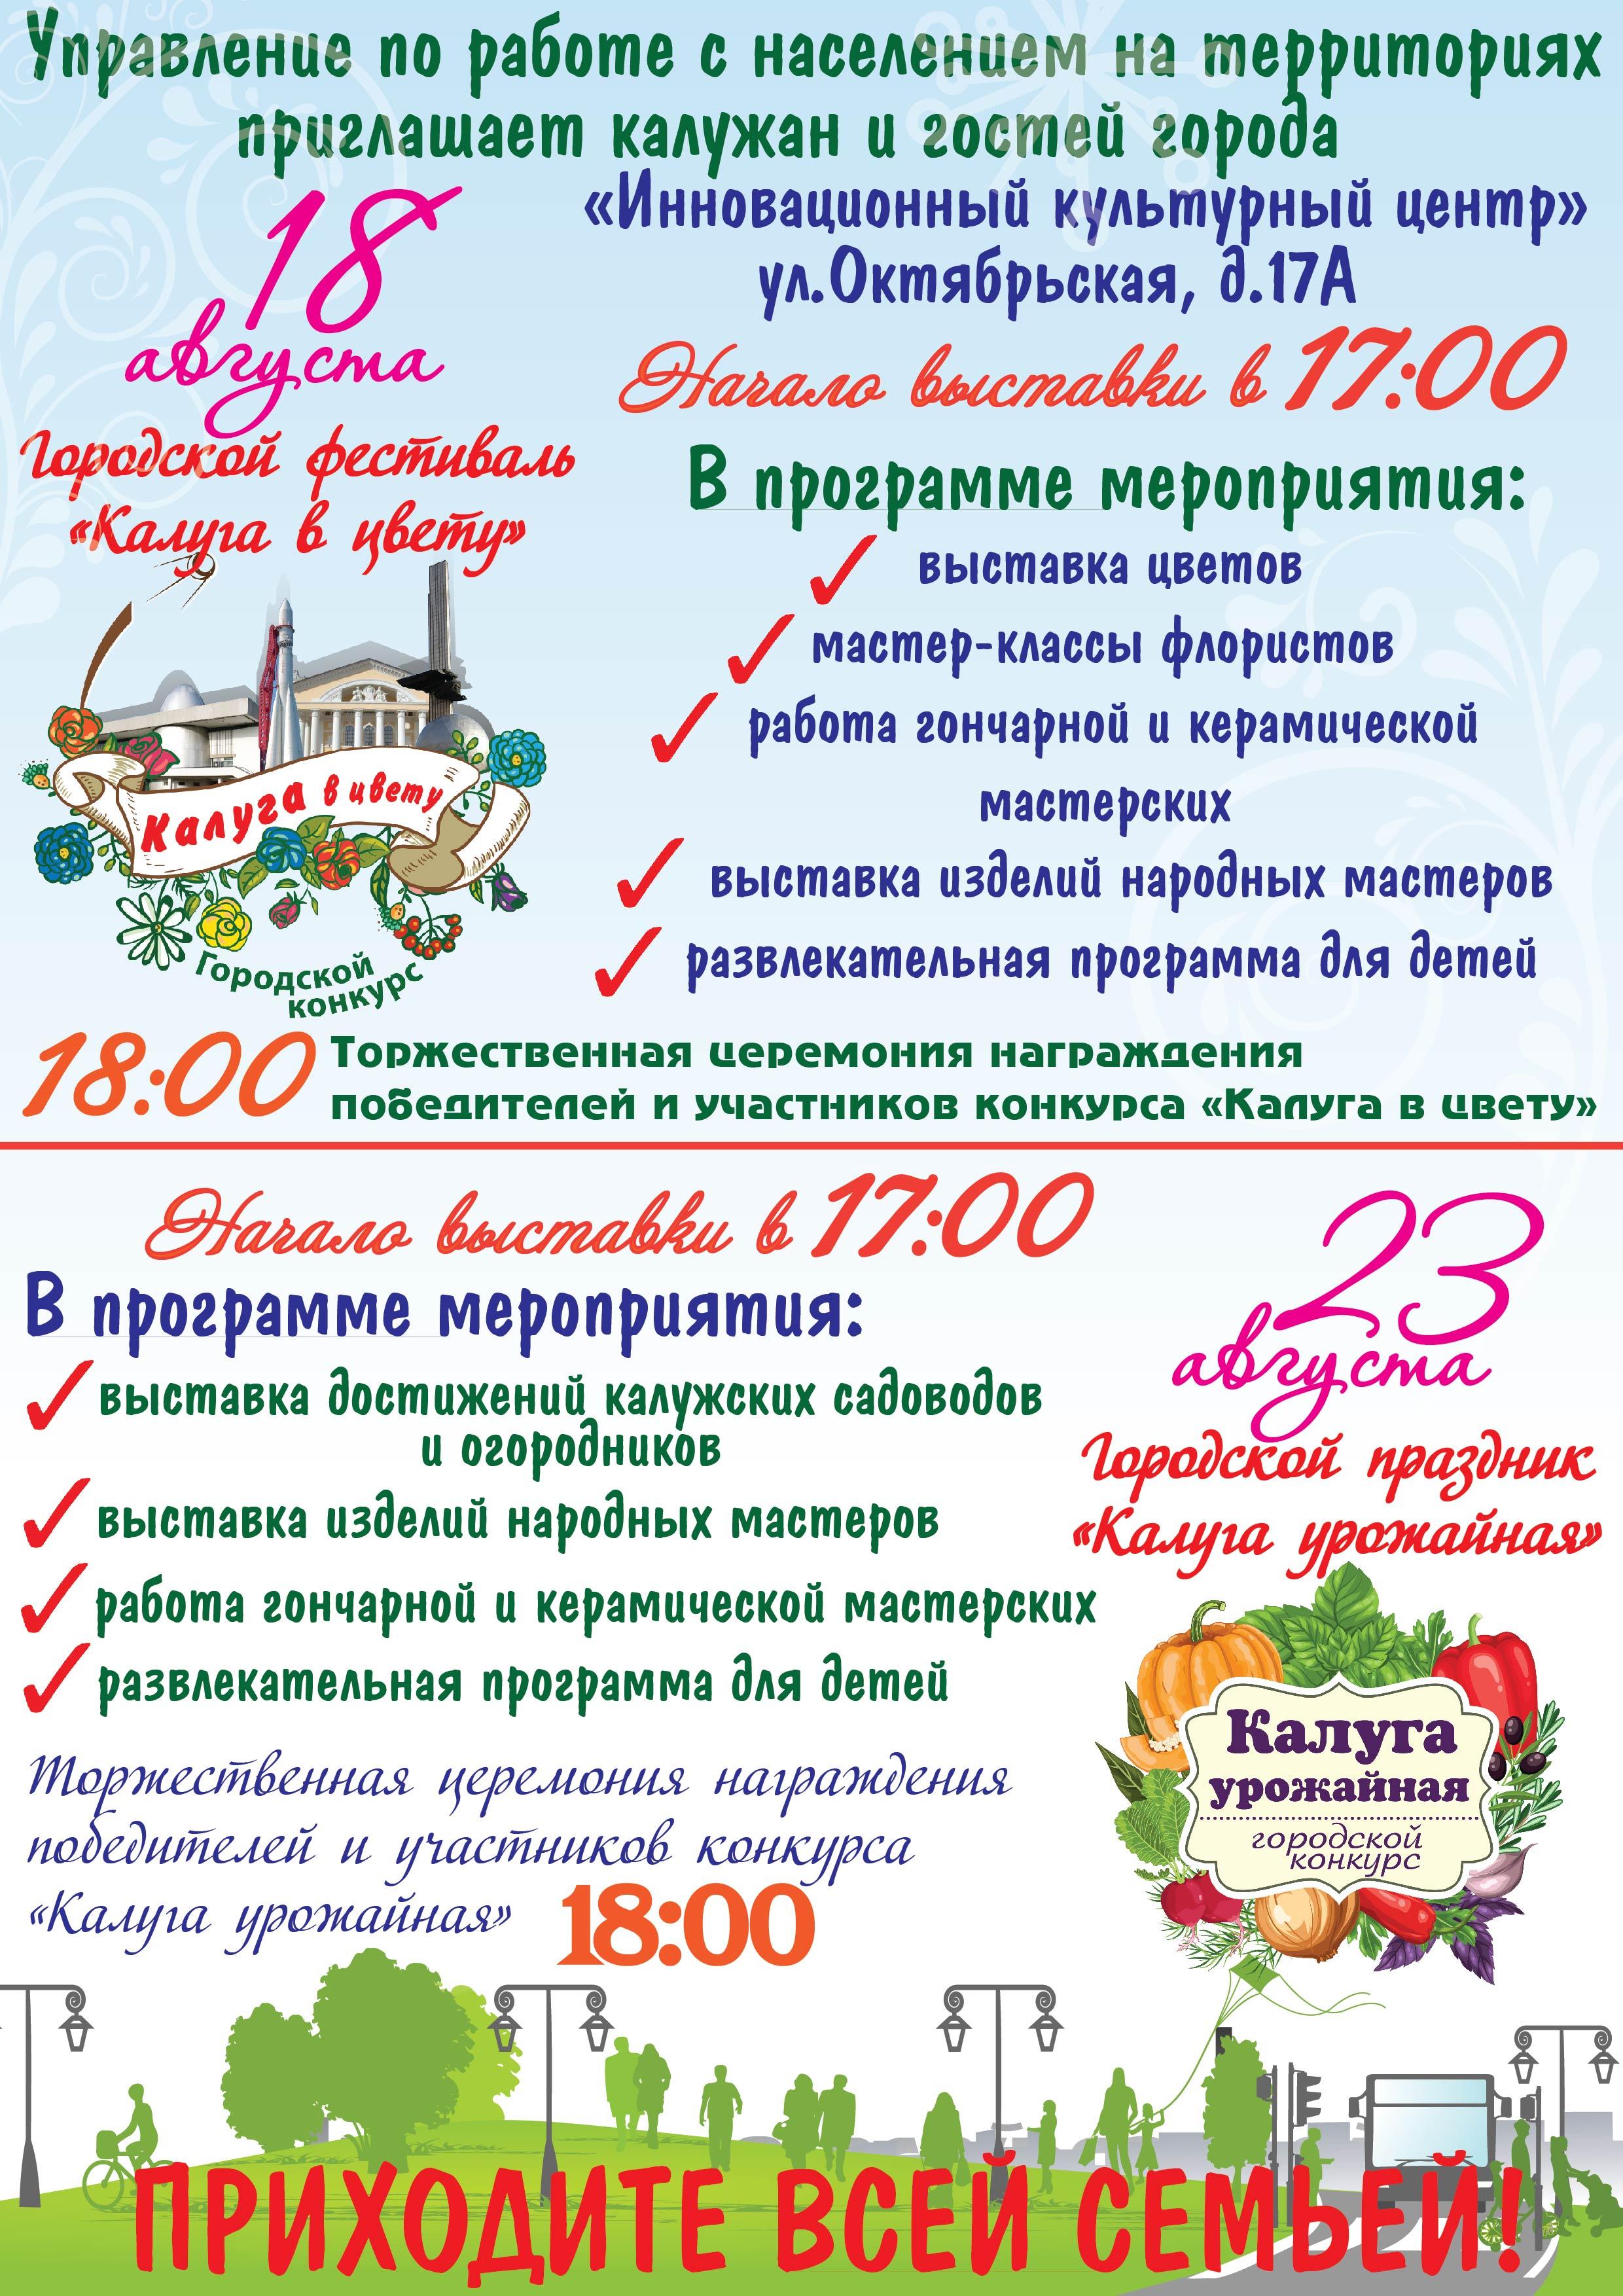 Городской праздник «Калуга урожайная» в ИКЦ